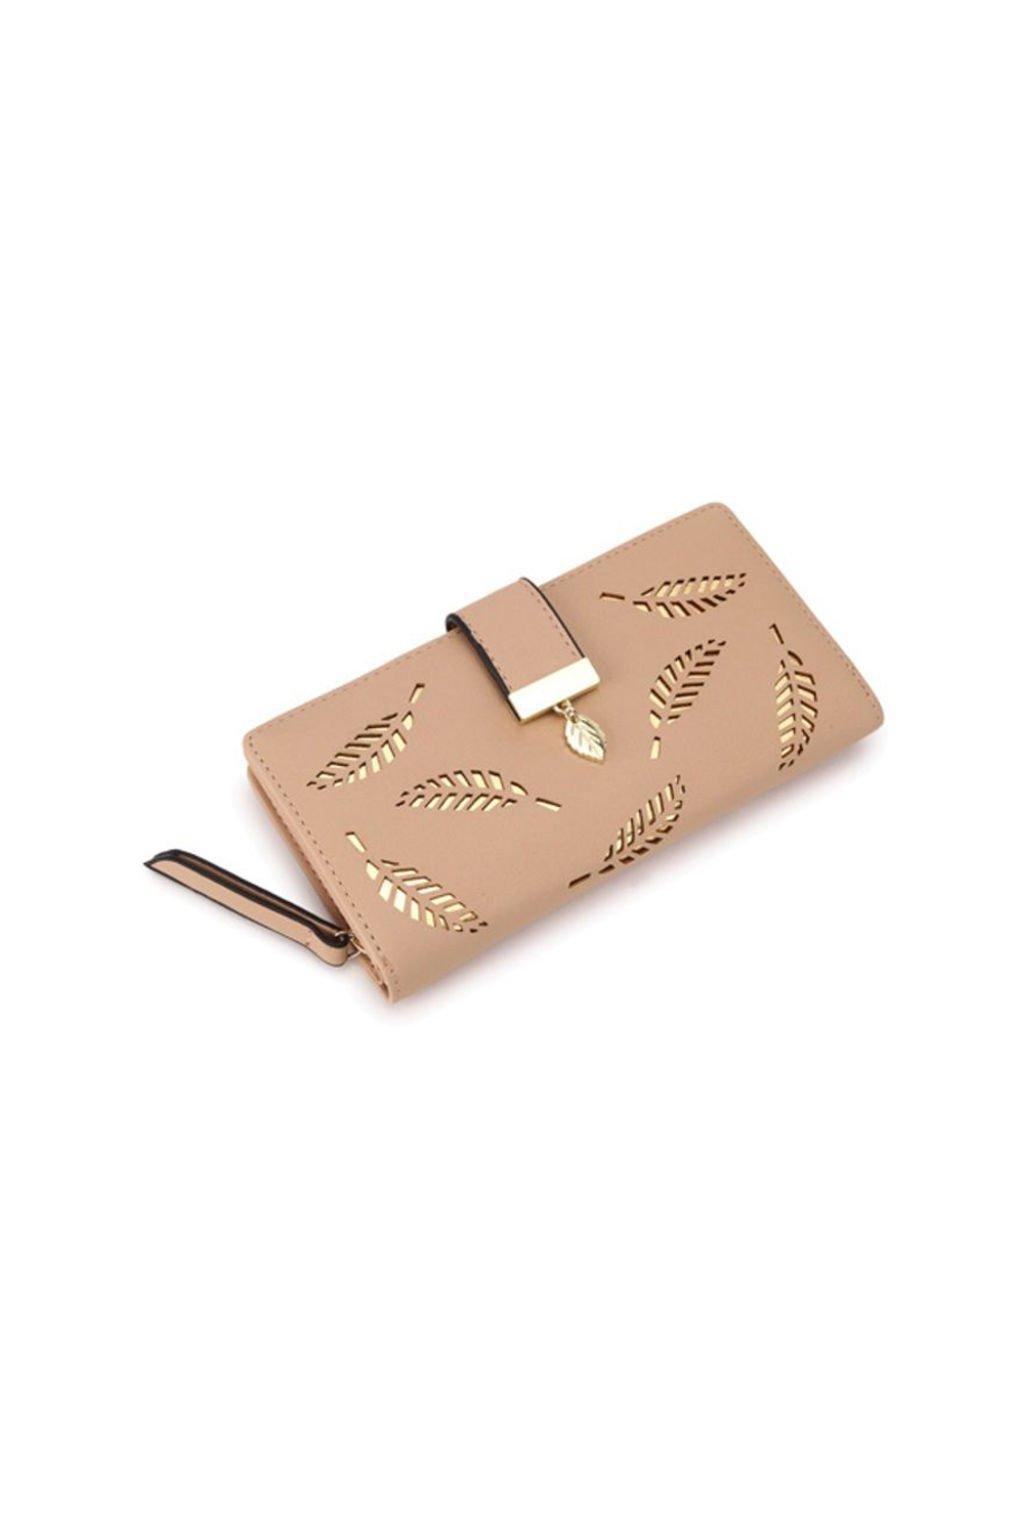 Béžová peněženka s motivem listu